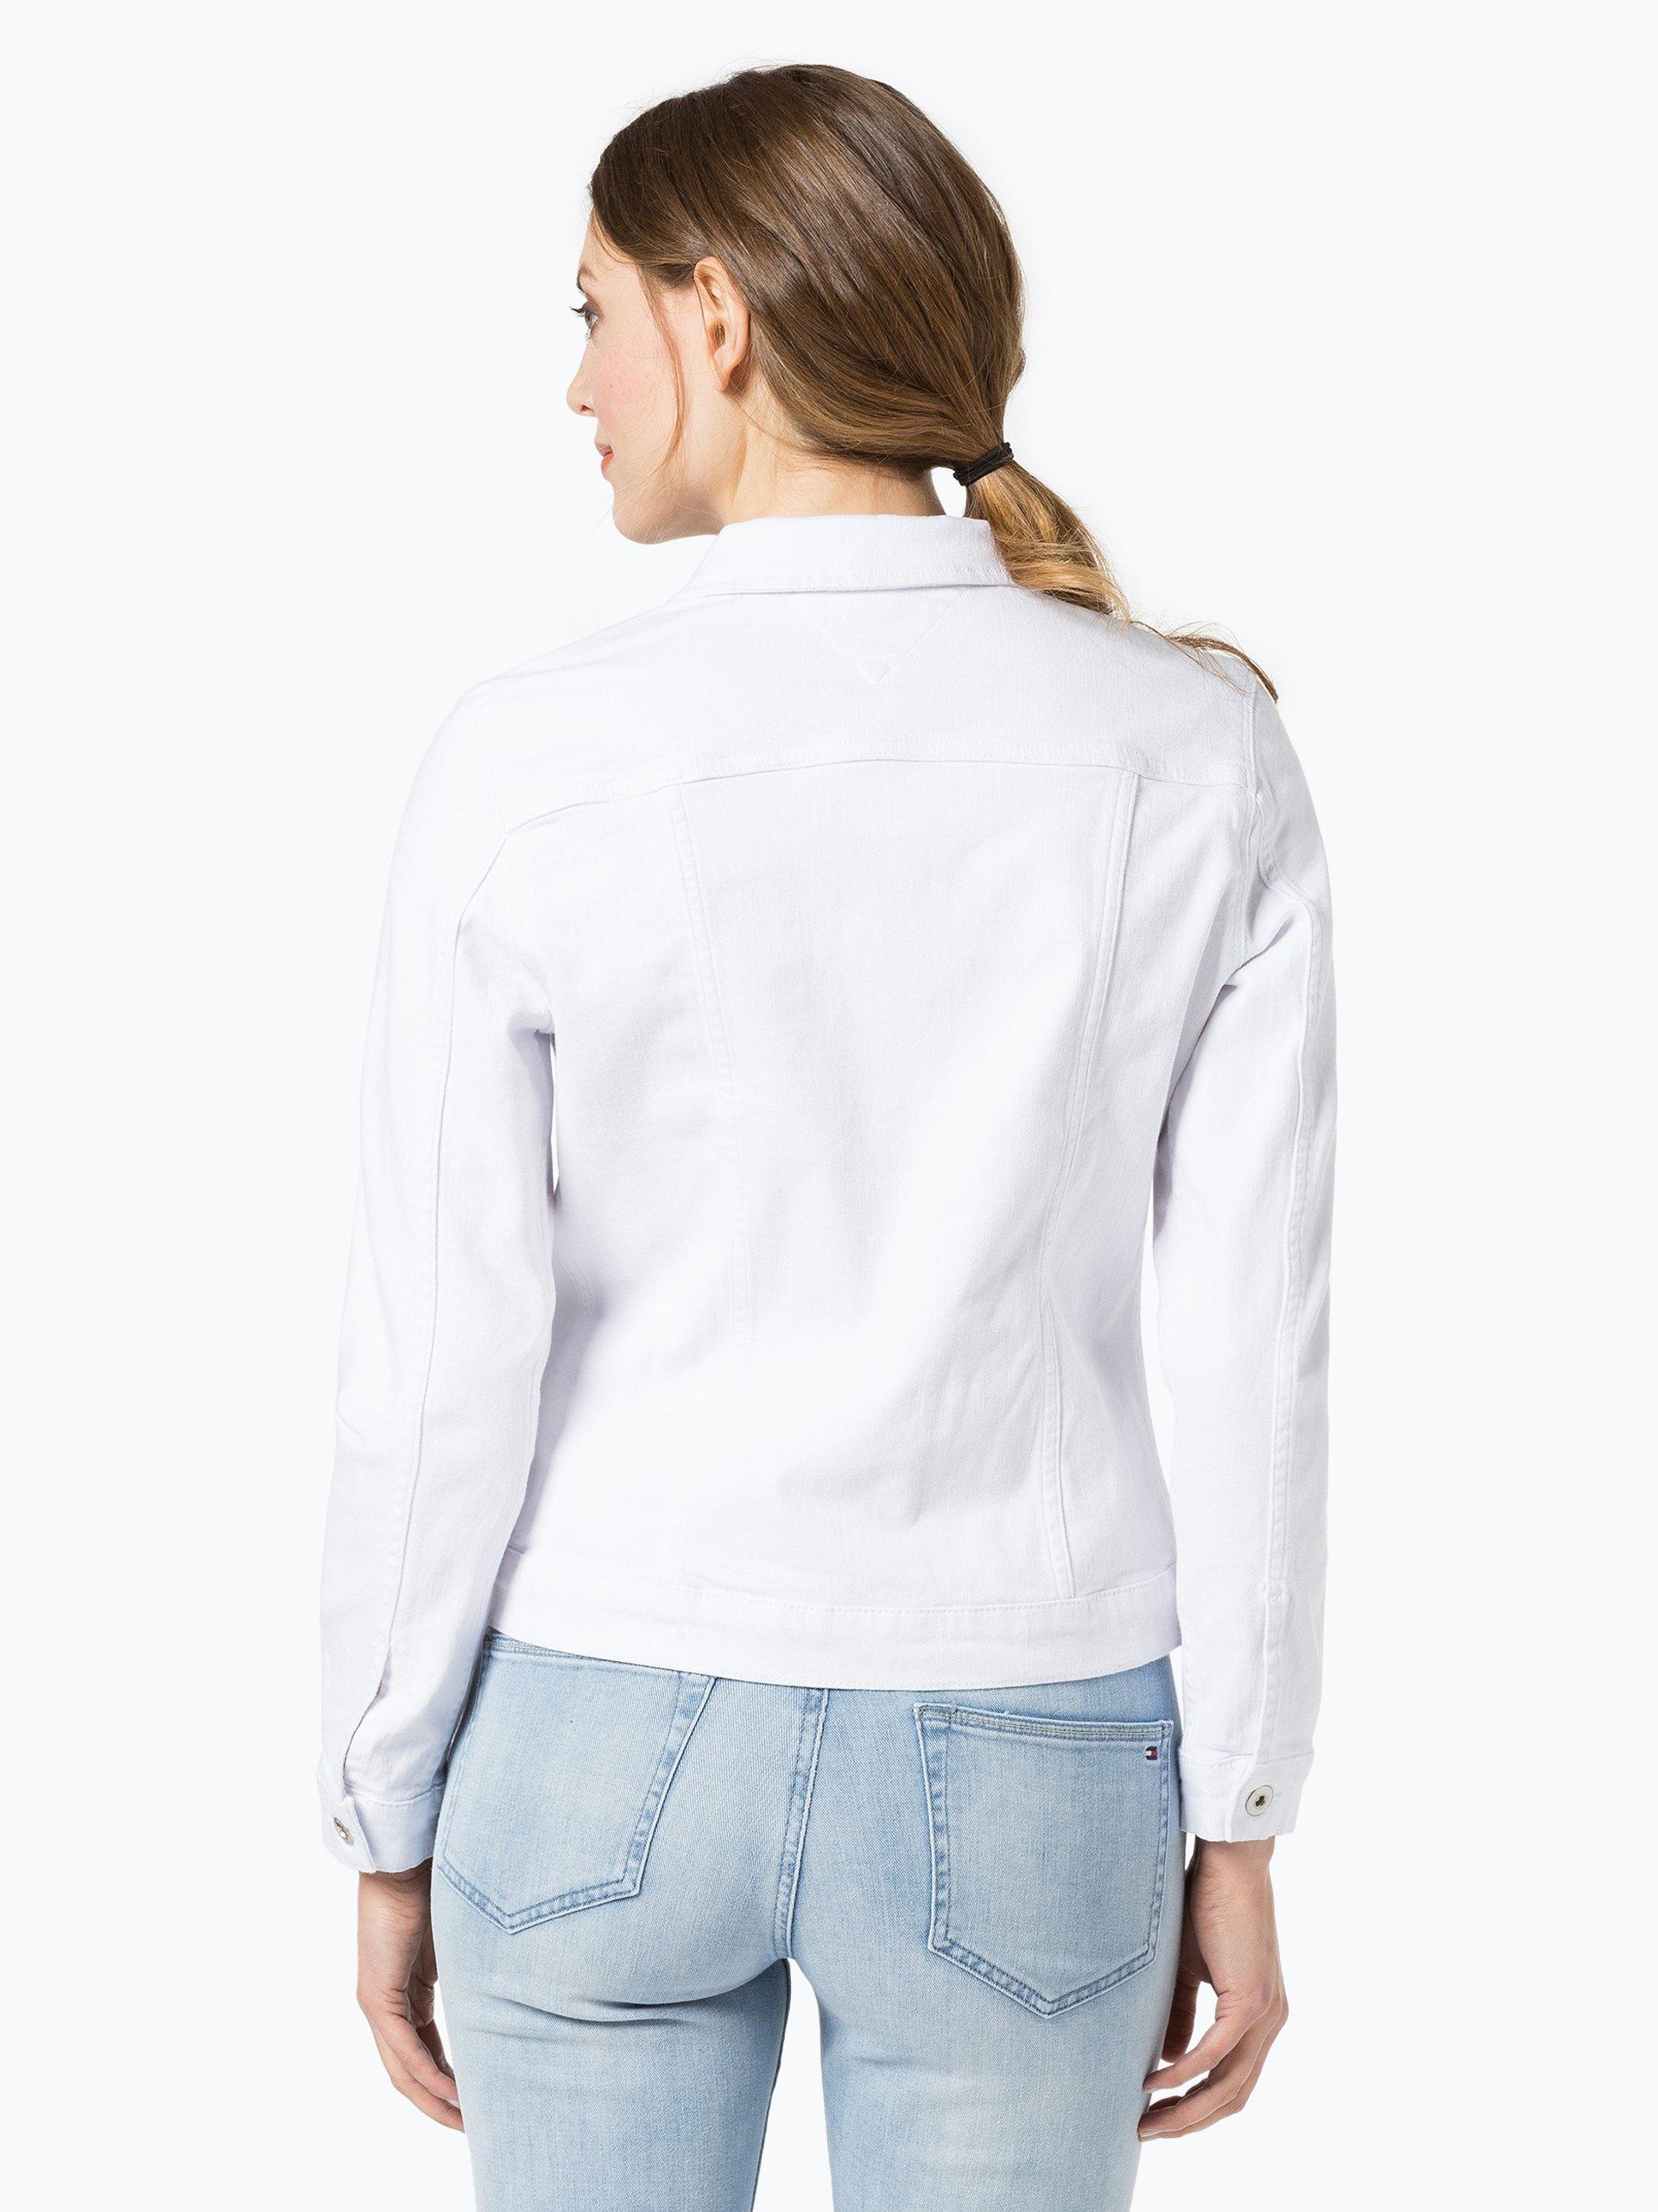 tommy hilfiger damen jeansjacke 2 online kaufen peek und cloppenburg de. Black Bedroom Furniture Sets. Home Design Ideas